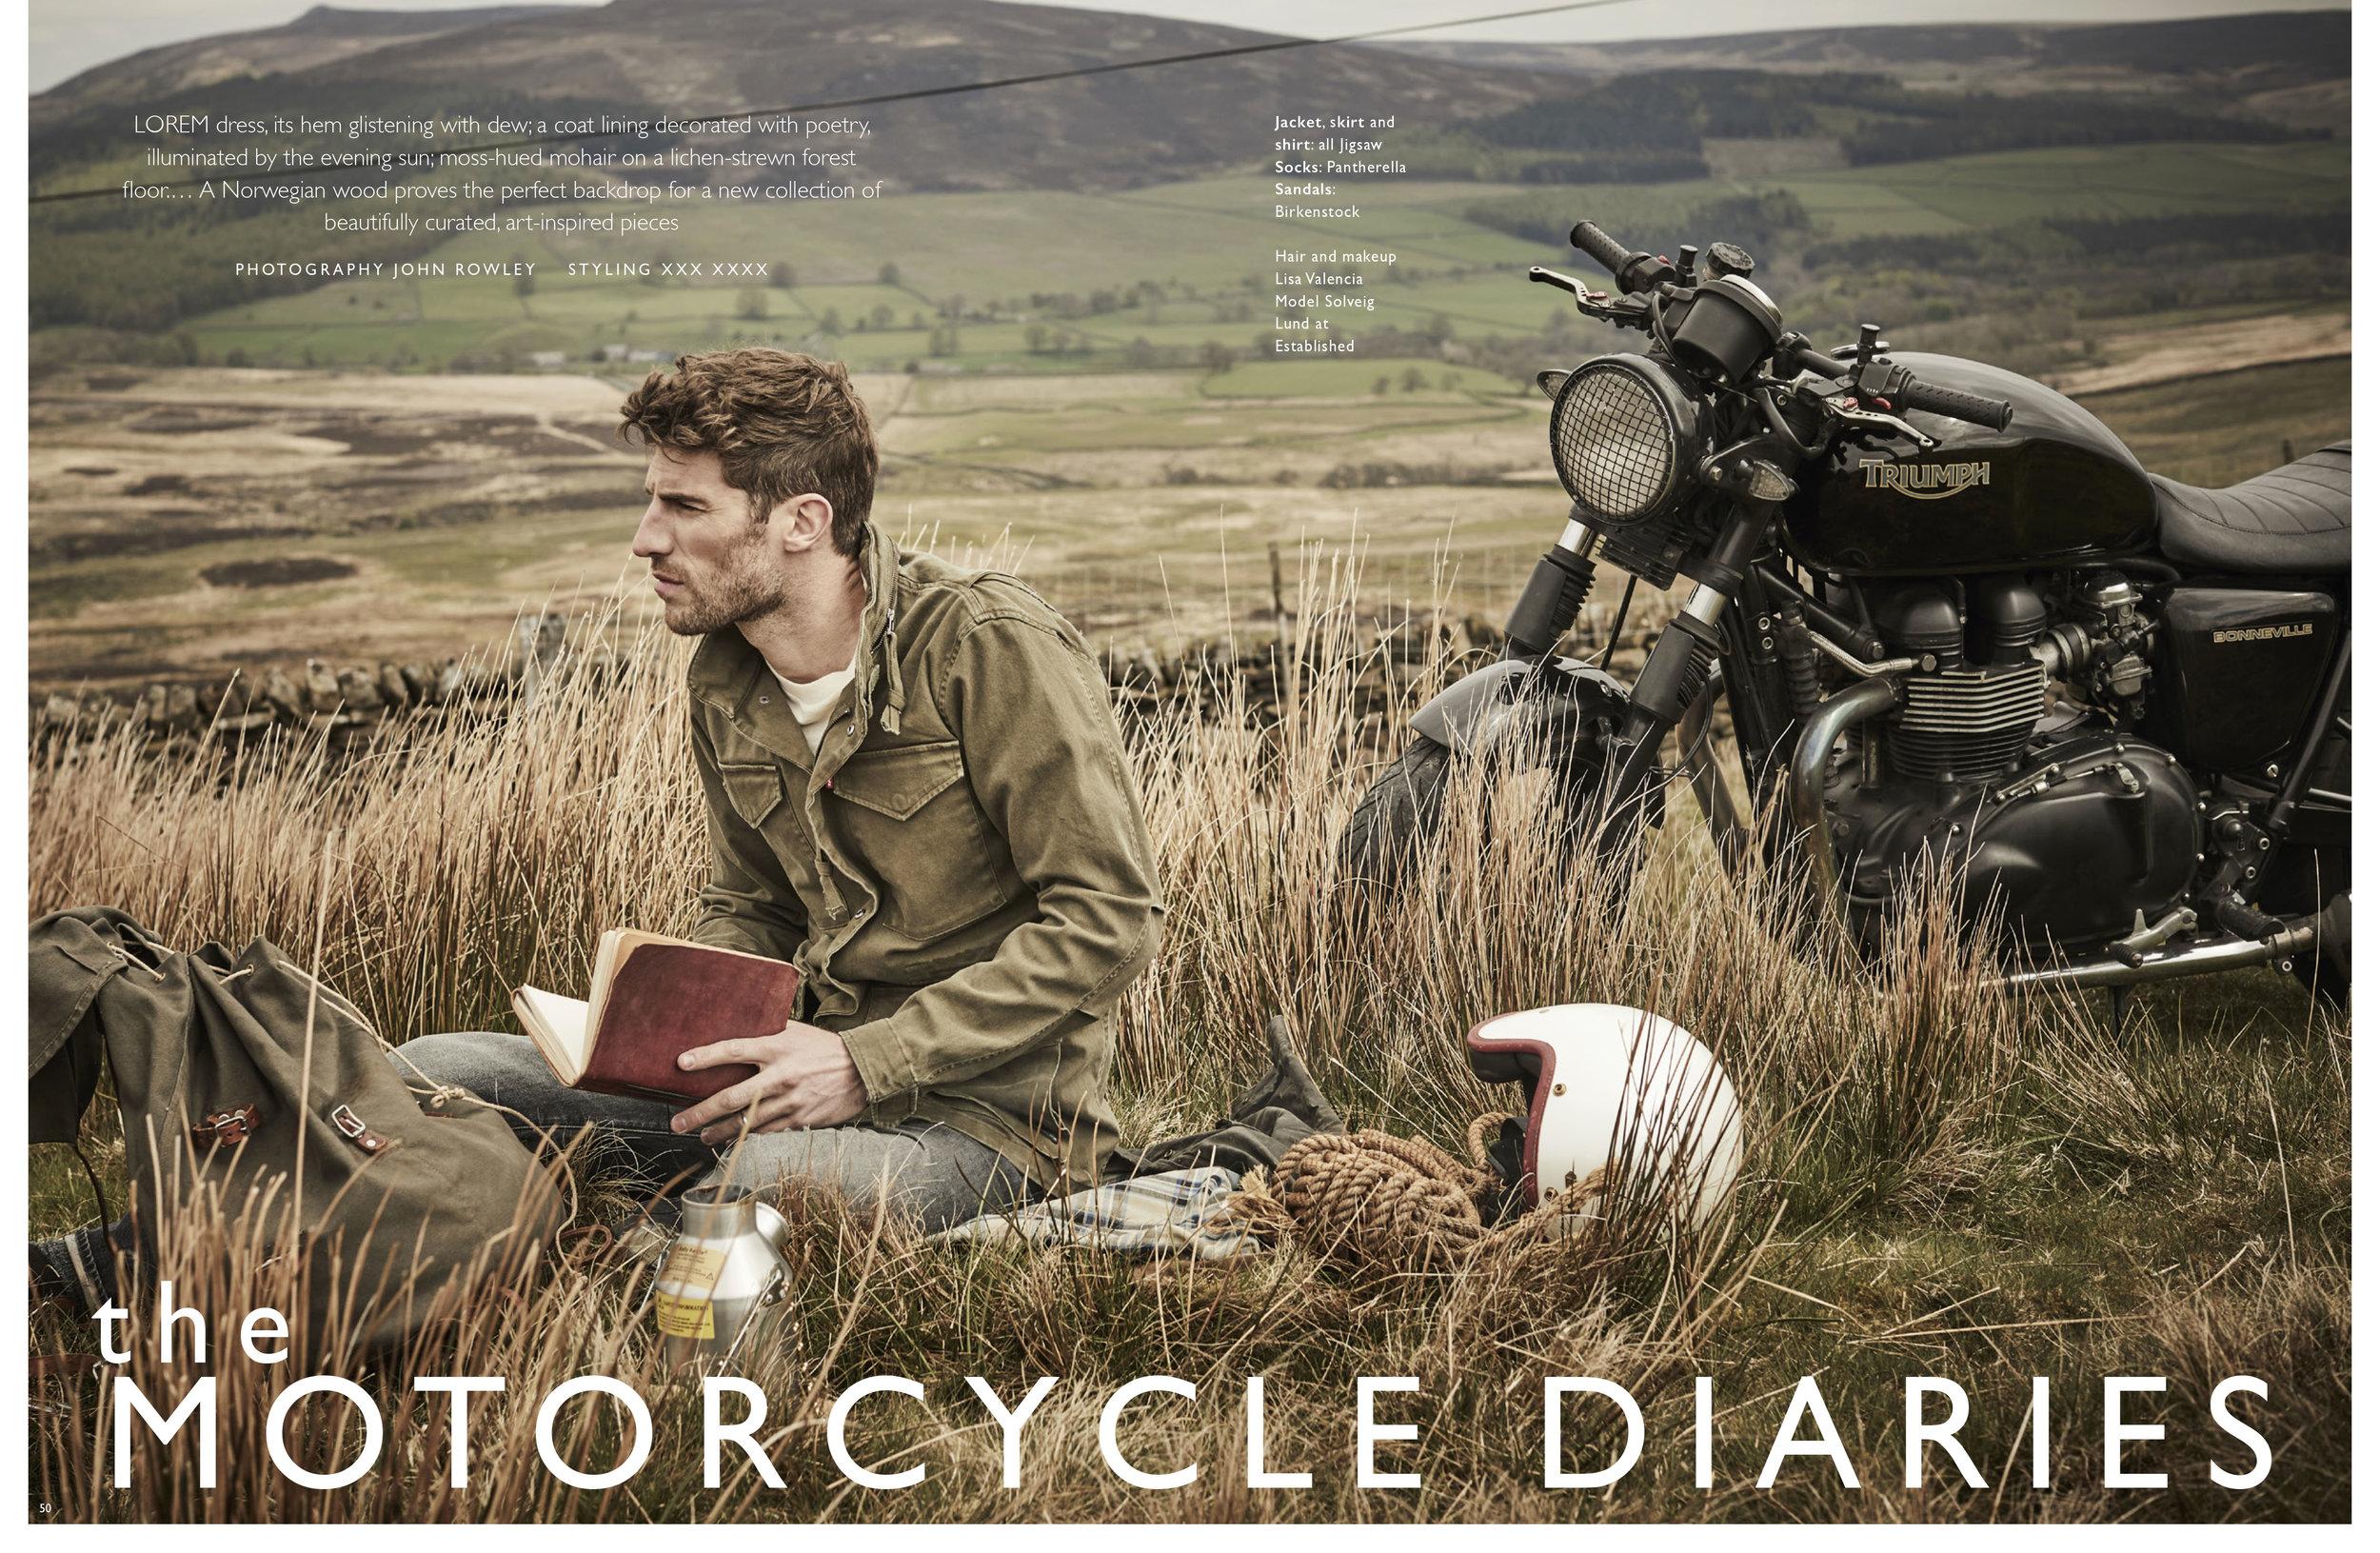 PB Motorcycle diaries on 12-1.jpg